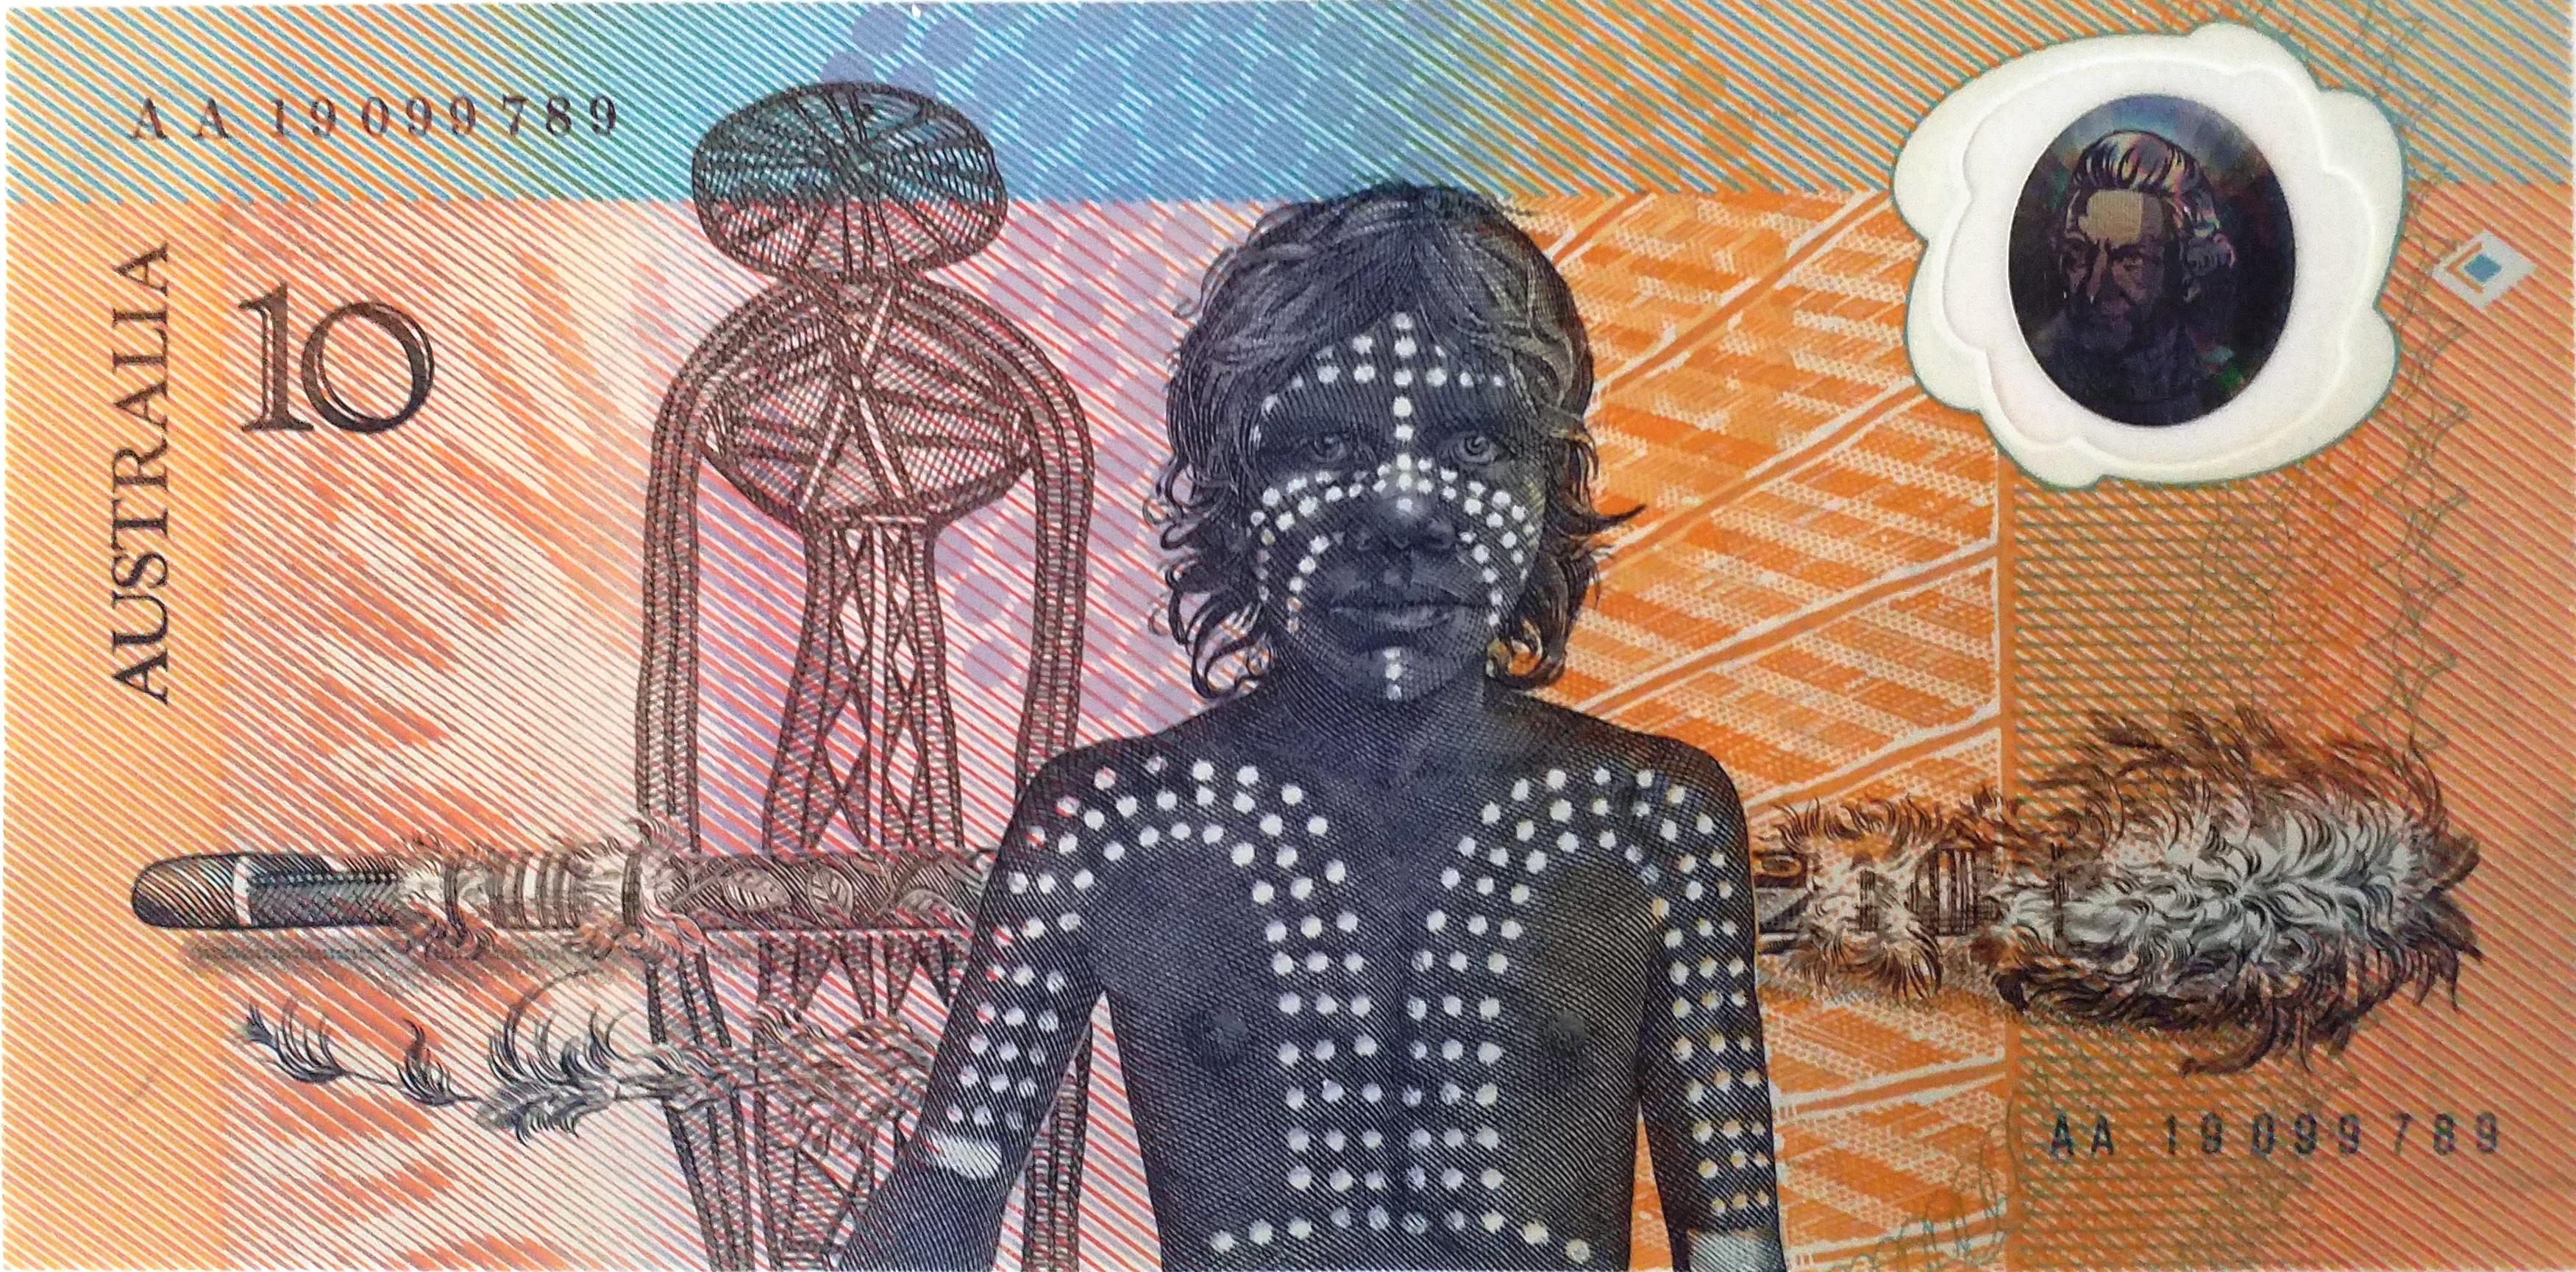 Le premier billet polymère au monde: le 10 dollars australien commémoratif de 1988